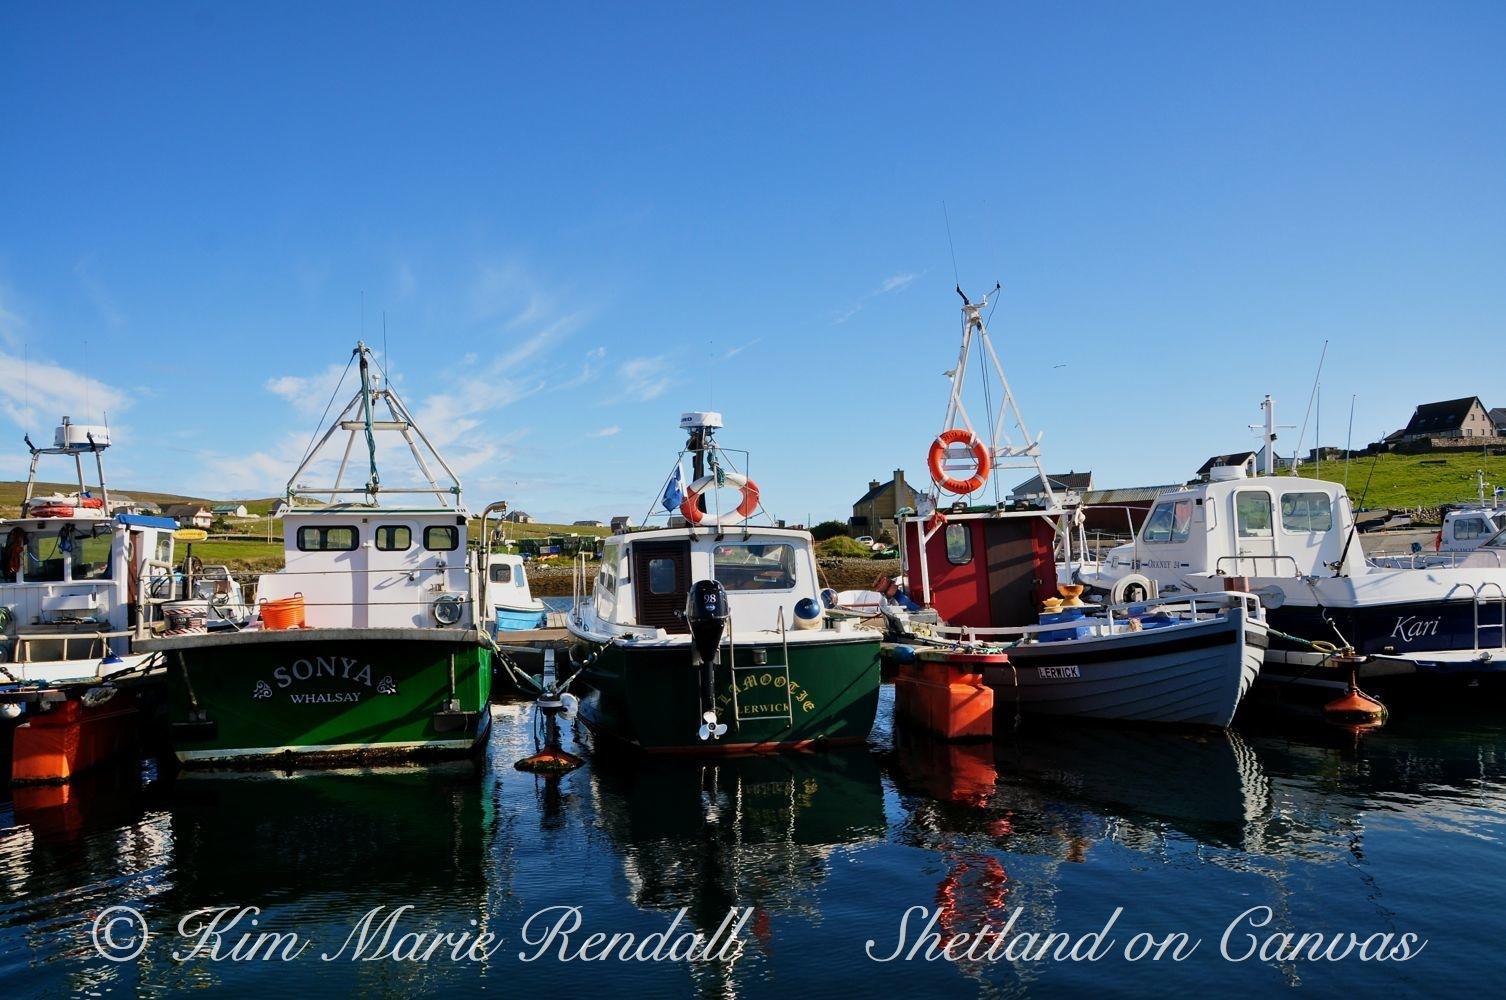 Symbister Marina, Whalsay (1)